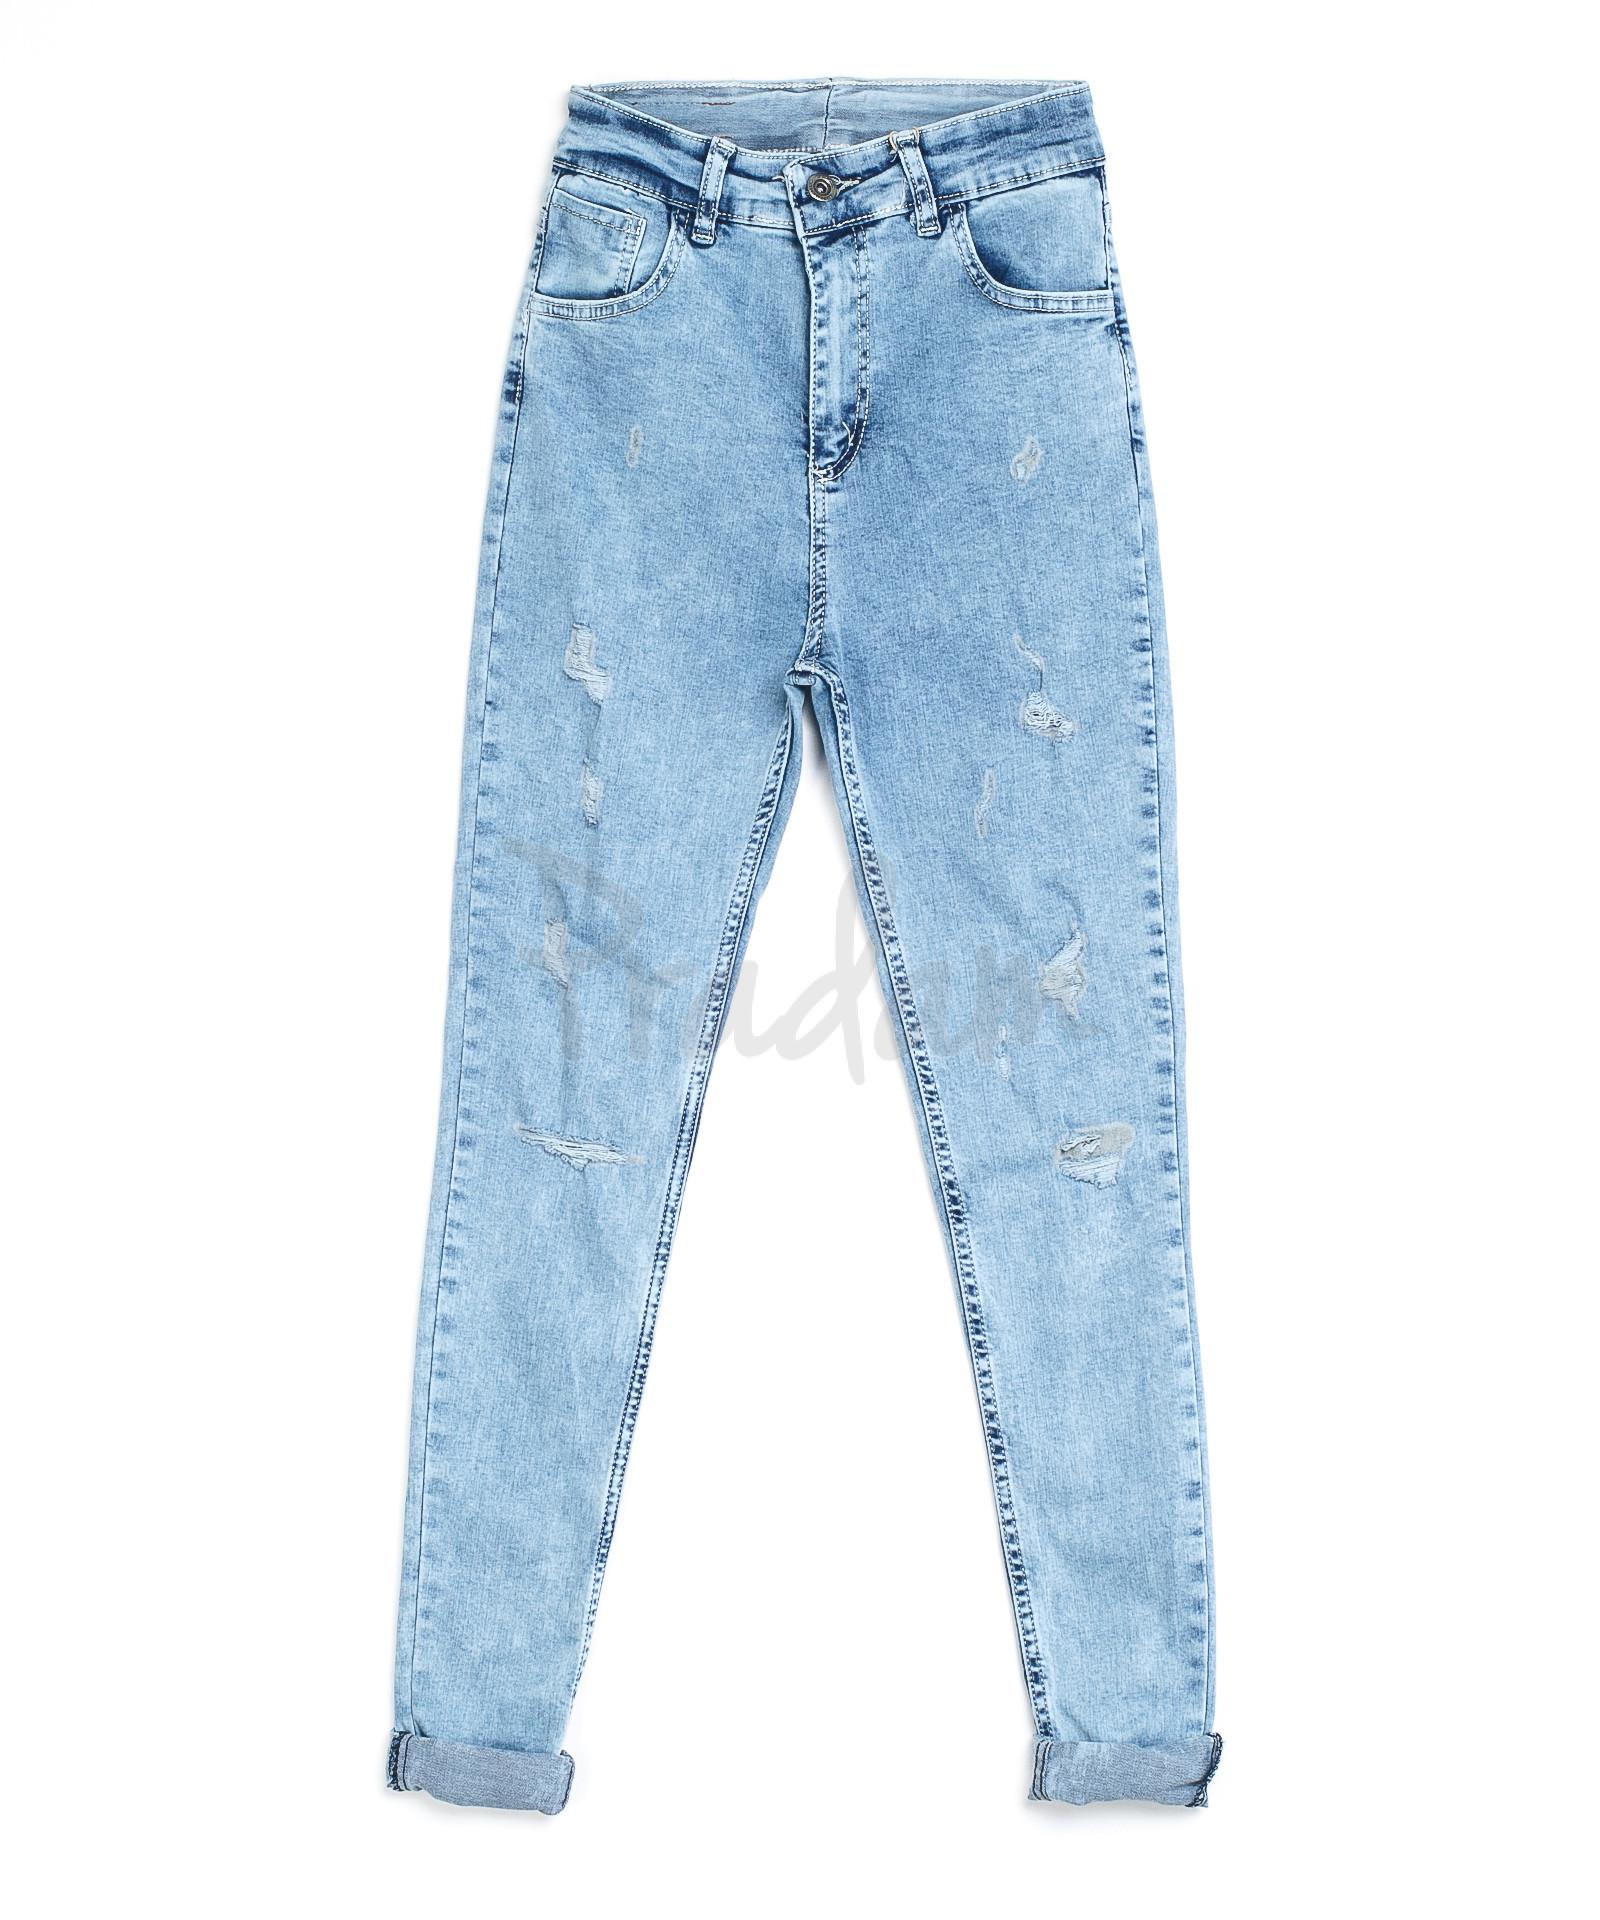 6505211eadb Женские джинсы американка 1016 (26-33